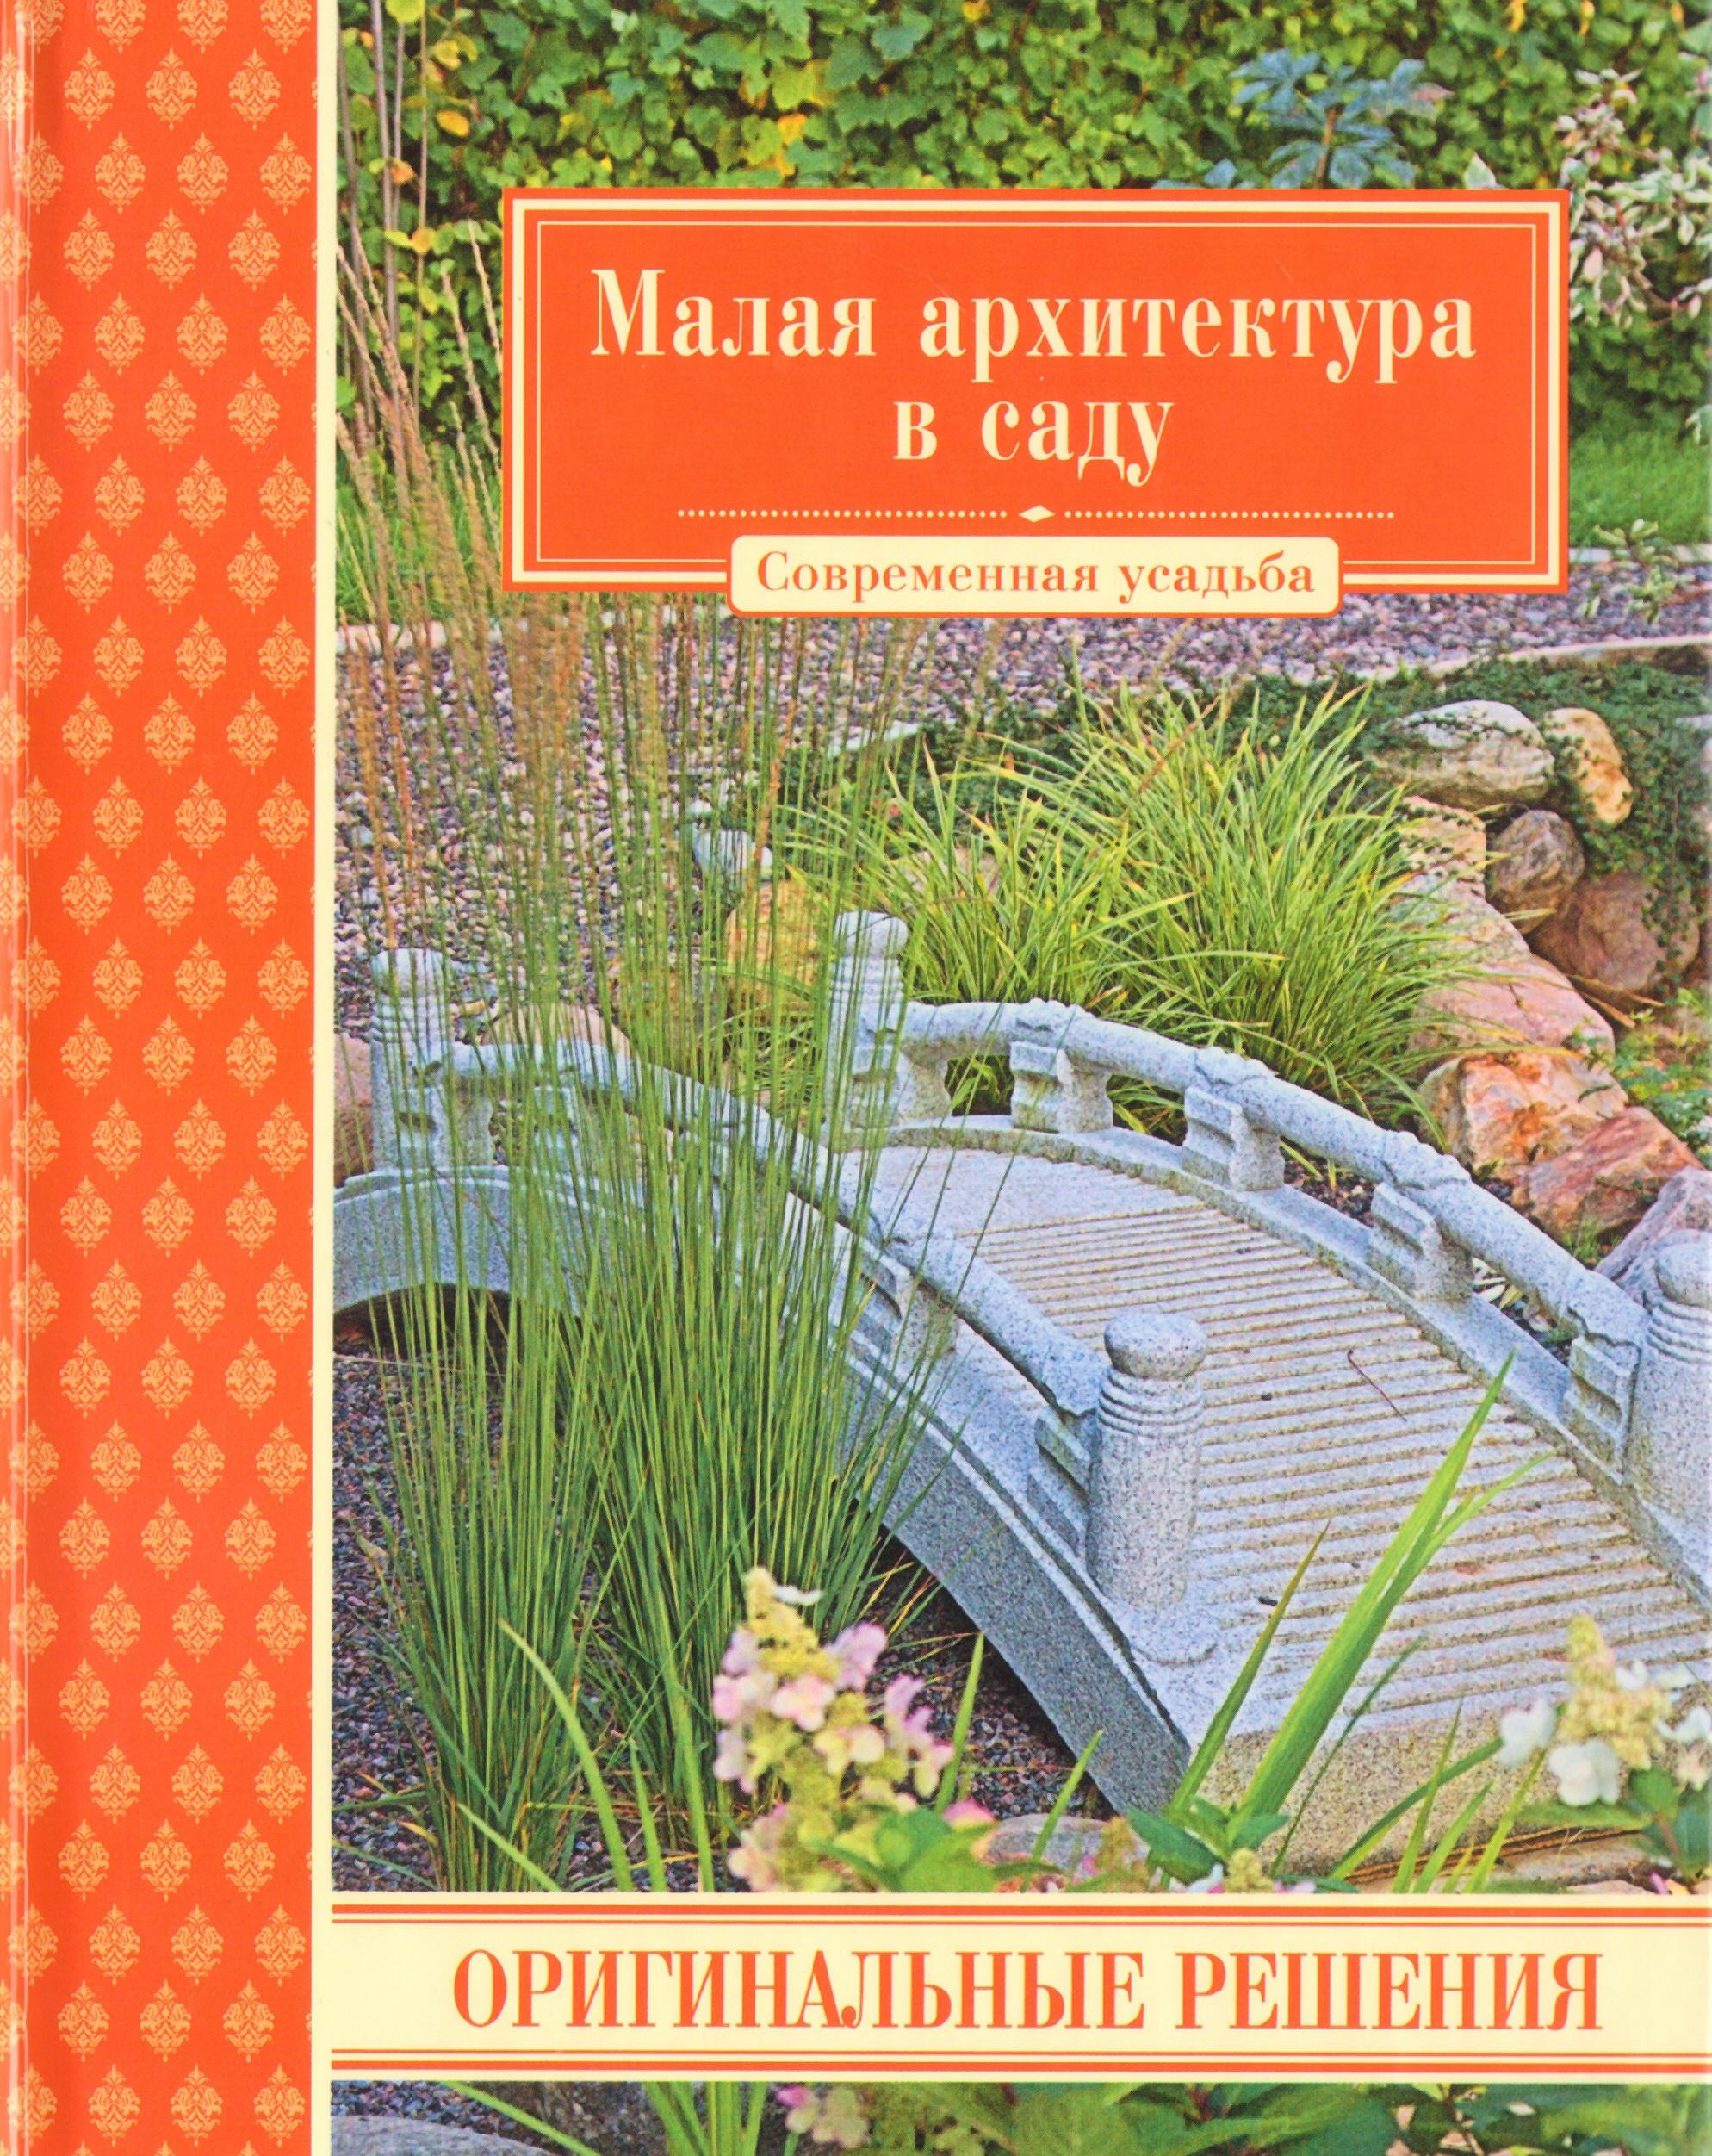 Малая архитектура в саду.Оригинальные решения